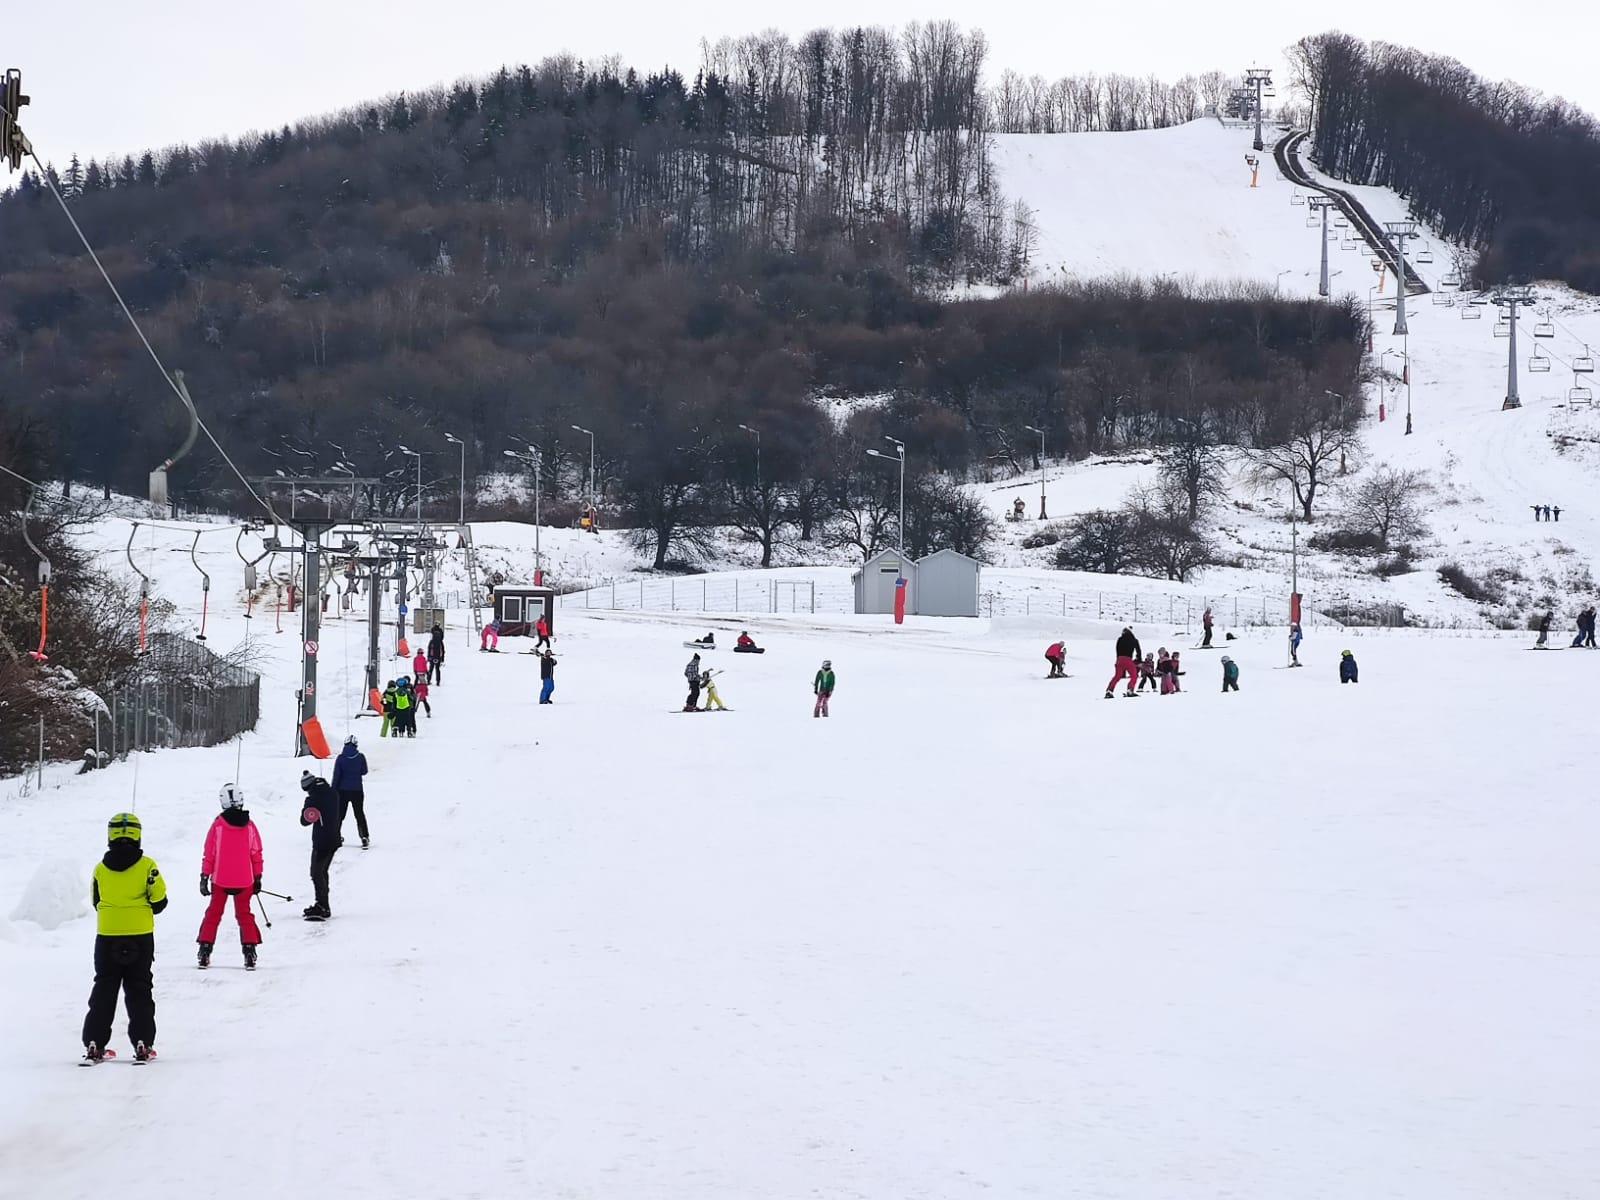 Gata cu distracția! Condițiile meteo nu mai permit funcționarea pârtiei de schi